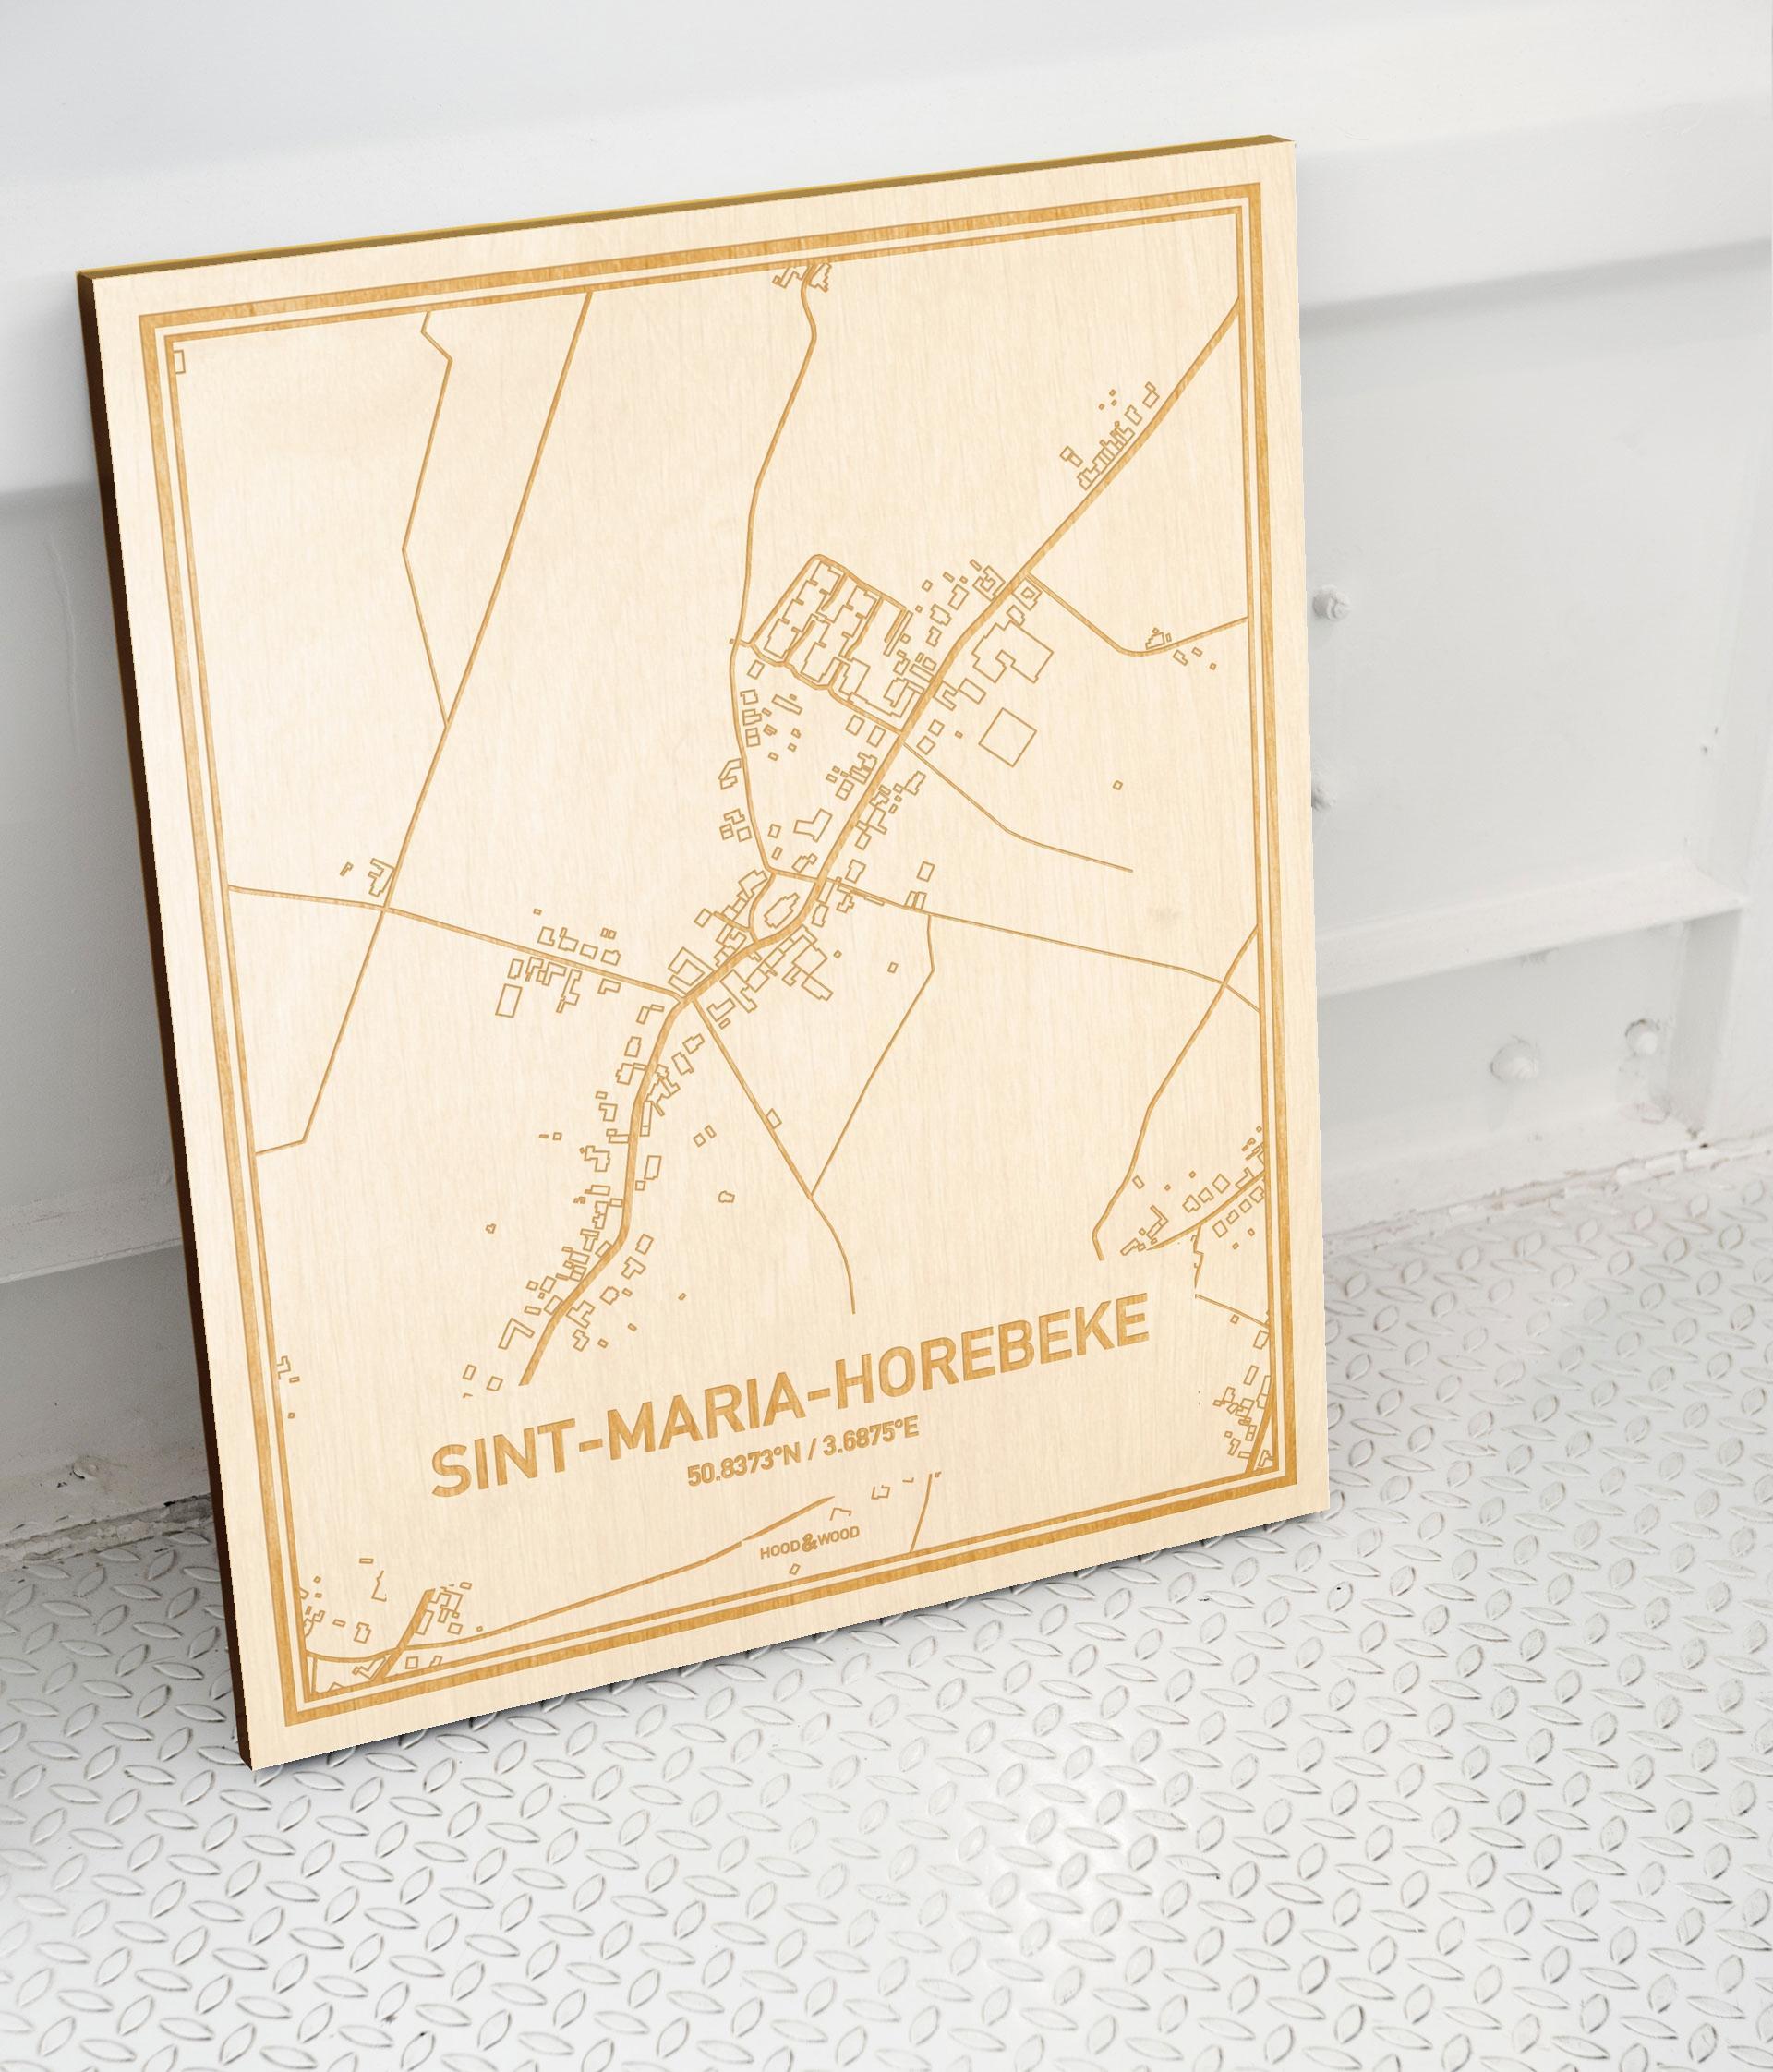 Plattegrond Sint-Maria-Horebeke als prachtige houten wanddecoratie. Het warme hout contrasteert mooi met de witte muur.